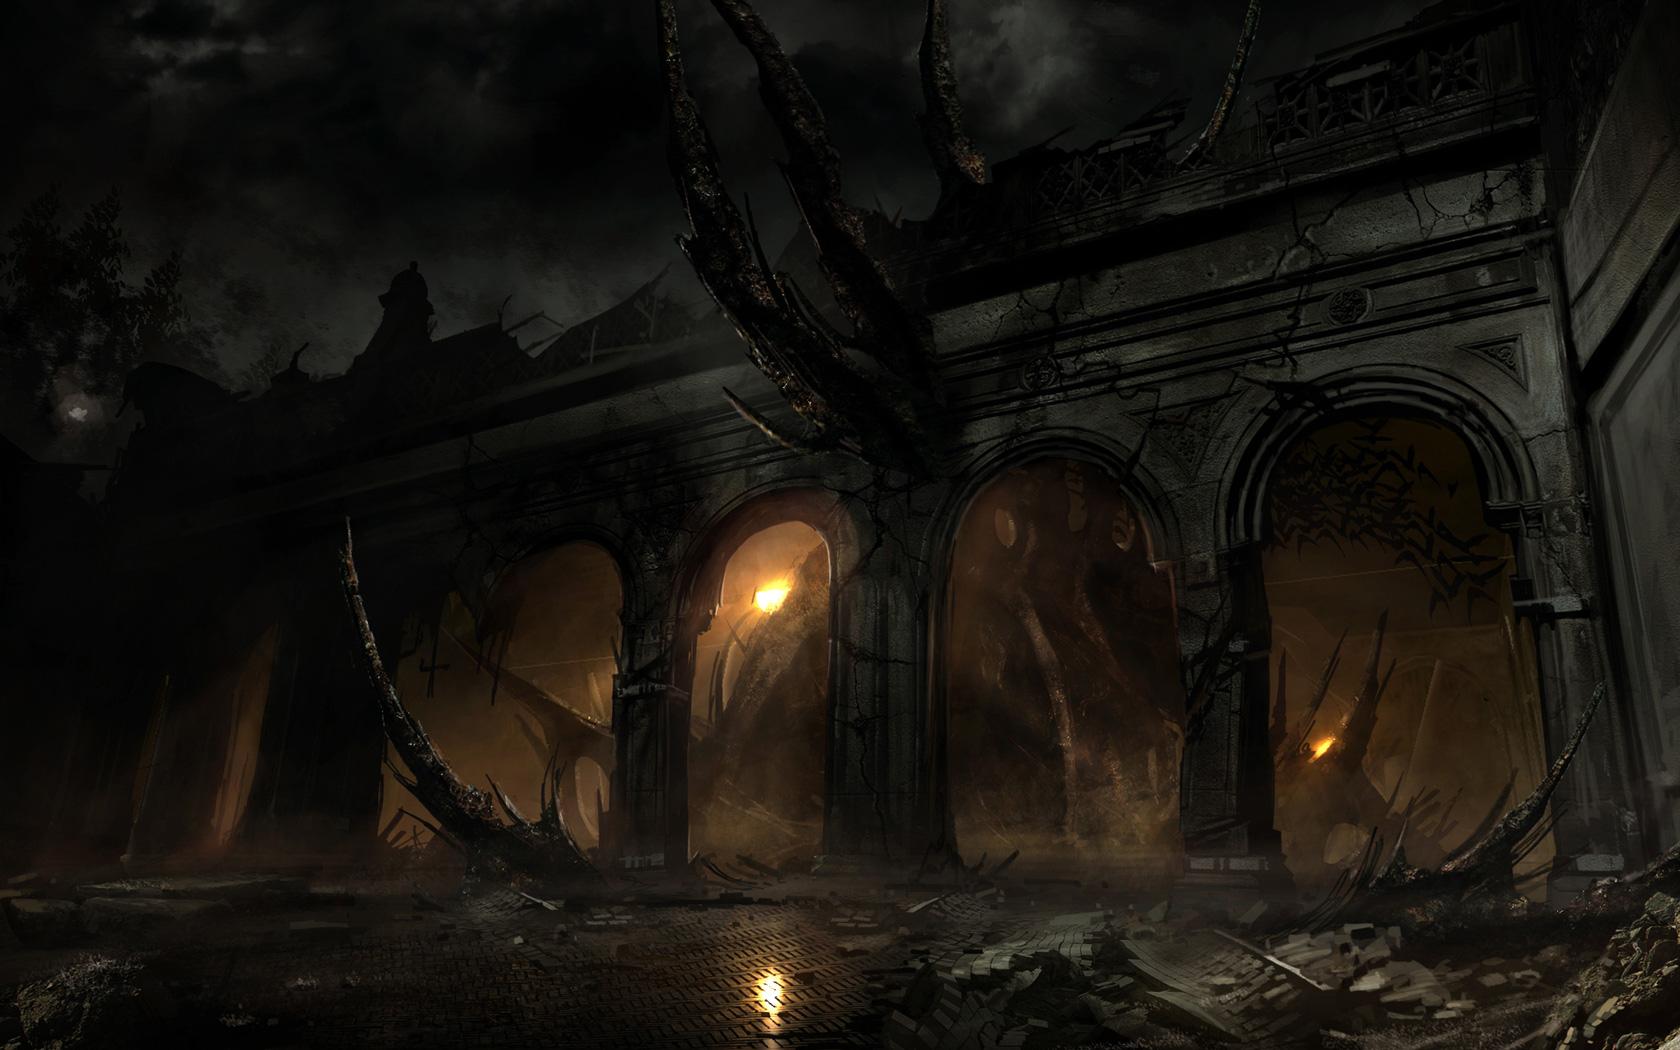 Alone in the Dark Wallpaper in 1680x1050